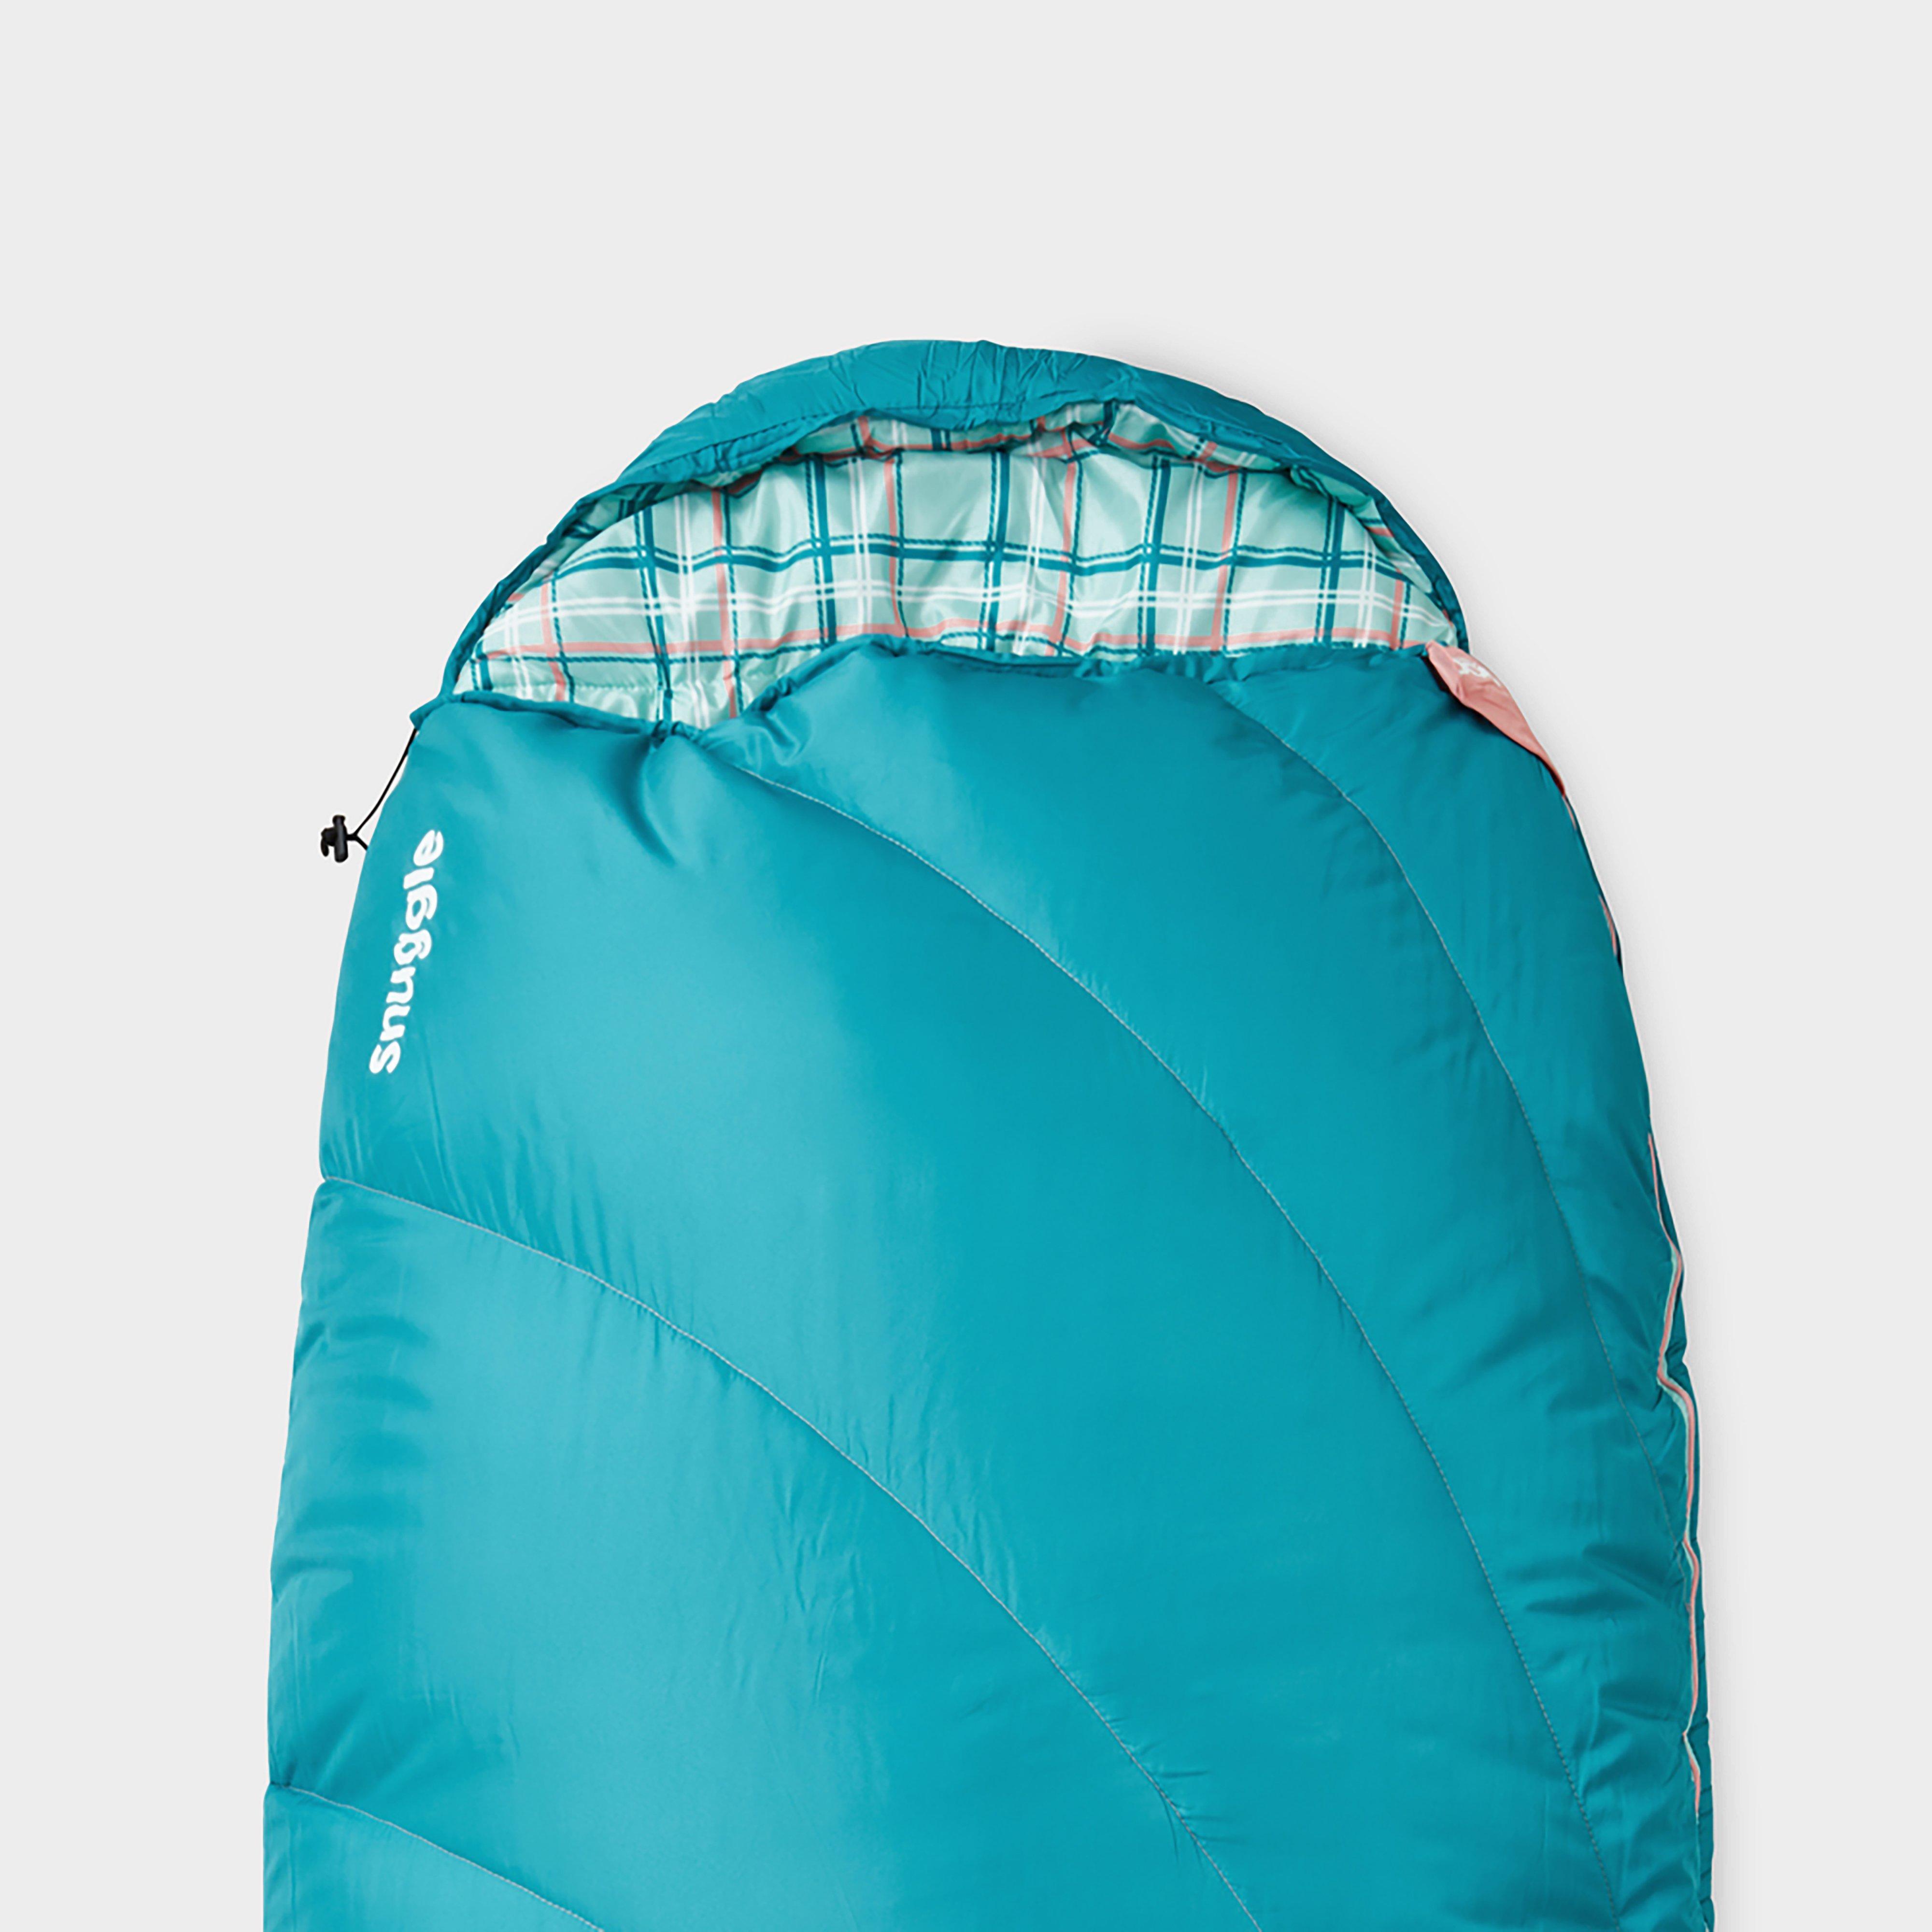 Pod Snuggle 3 Season Sleeping Pod - Blue/Tea, Blue/TEA